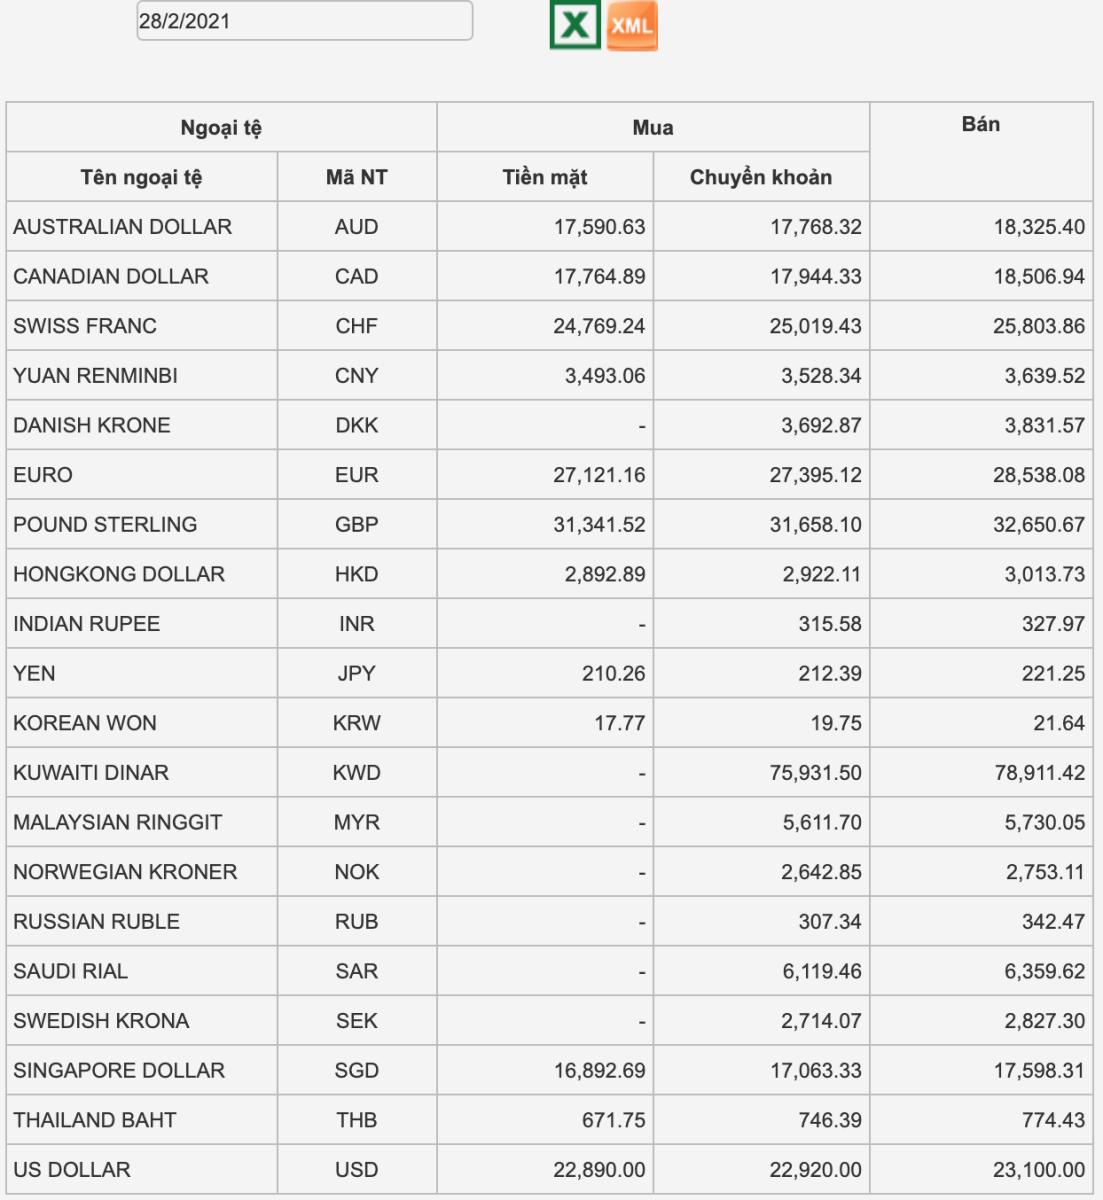 Tỷ giá Vietcombank hôm nay 28/2: Chốt tuần giao dịch nhiều biến động